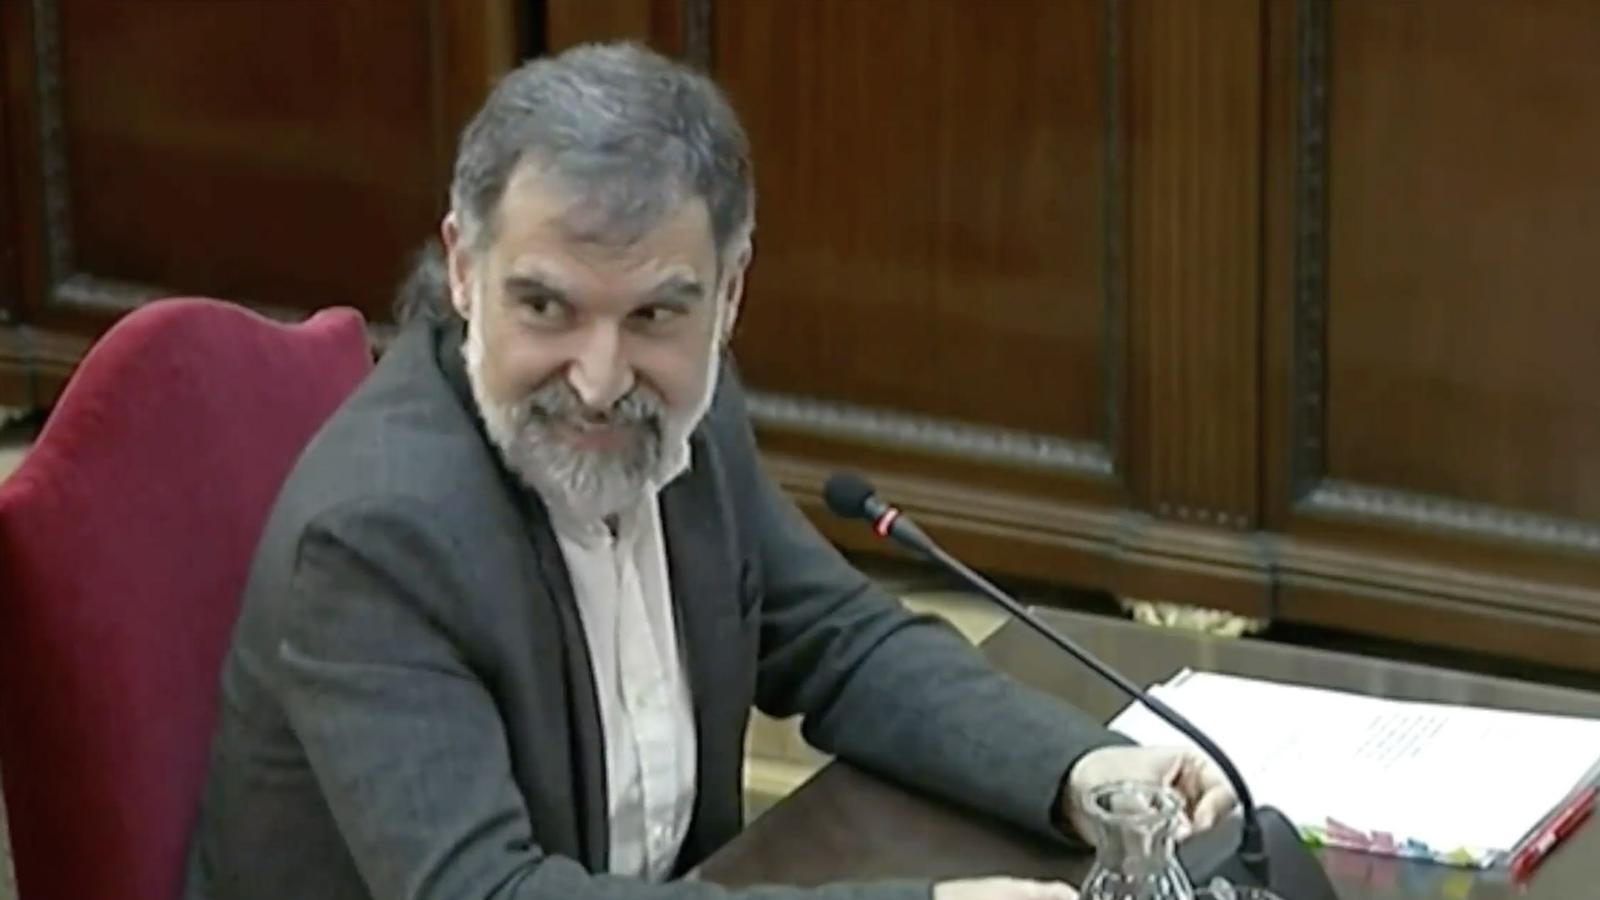 L'anàlisi d'Antoni Bassas: 'El tsunami espanyol ens agafarà mirant el judici per la tele'